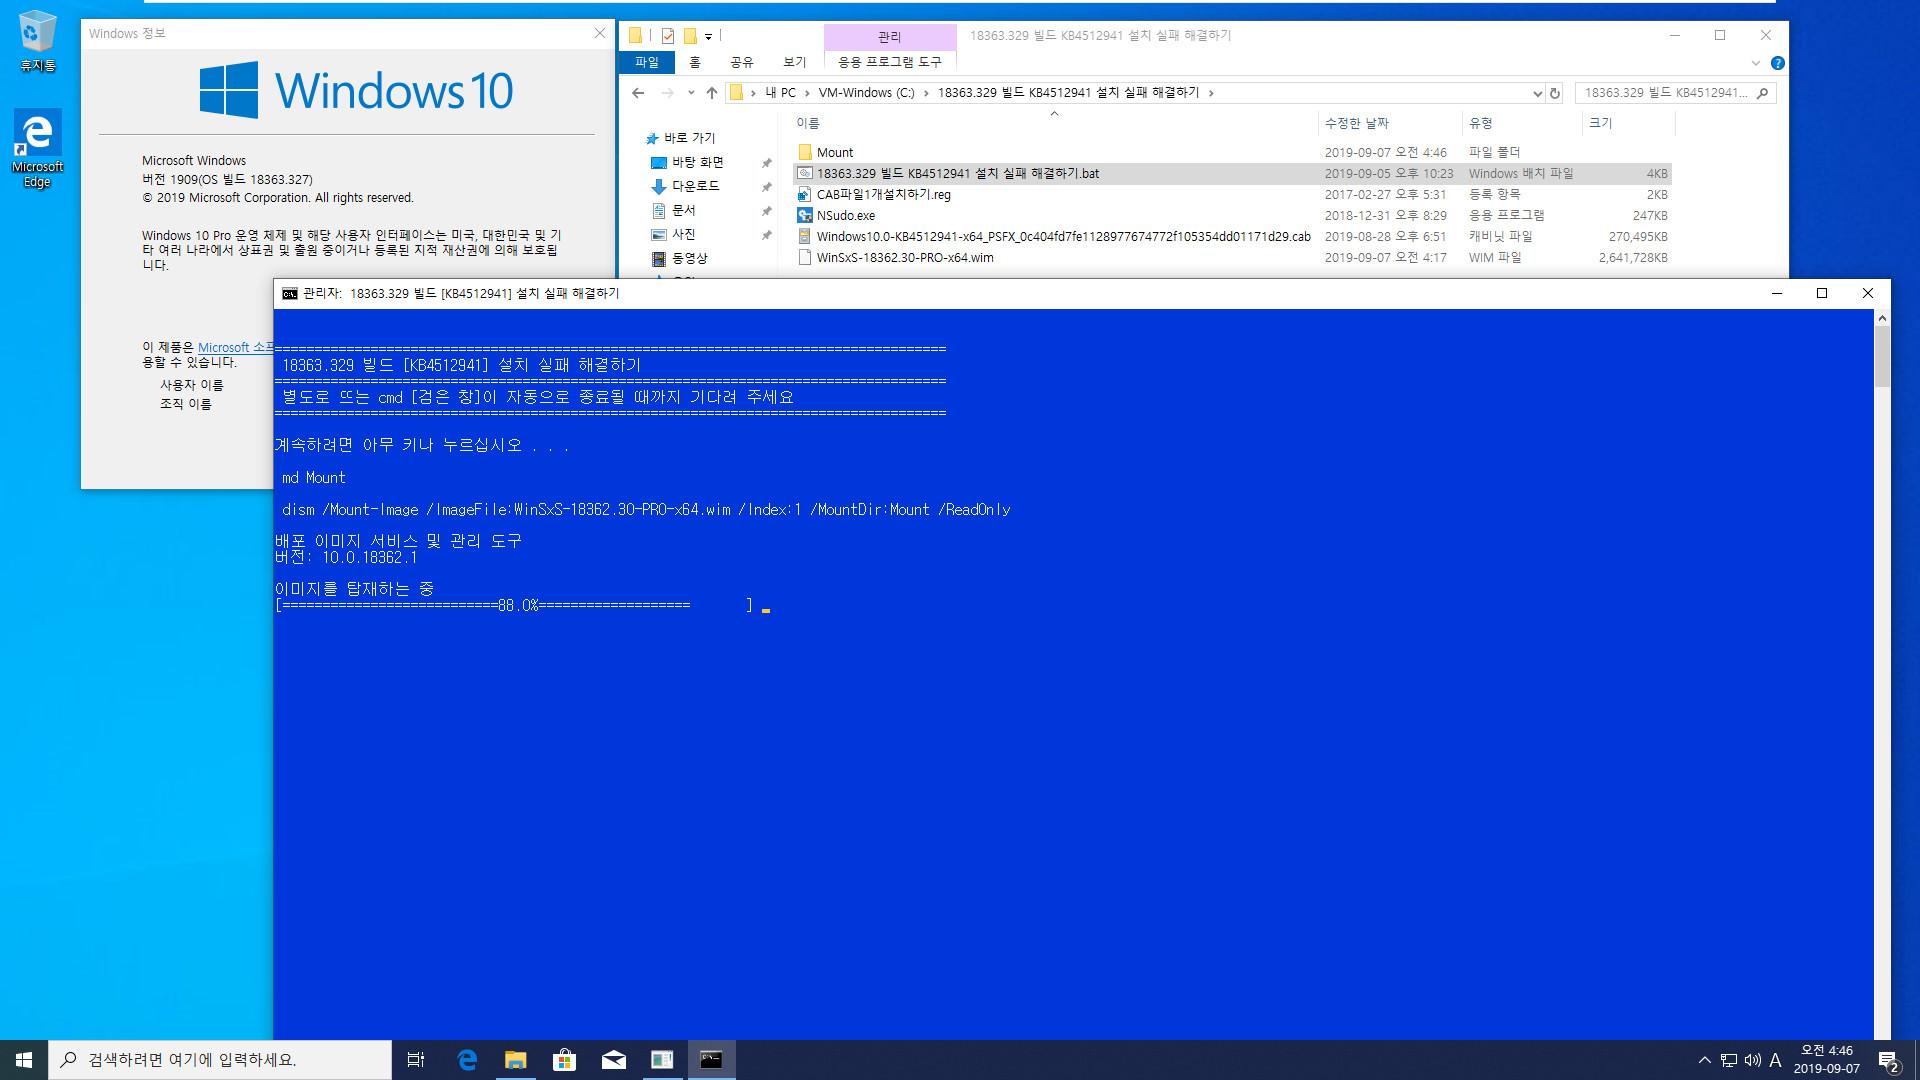 Windows 10 19H2 버전 1909 (OS 빌드 18363.327) 릴리스 프리뷰 - ms 에서 배포한 iso 에18363.329 빌드 KB4512941 설치 실패 해결하기 - 다시 도전 2019-09-07_044652.jpg